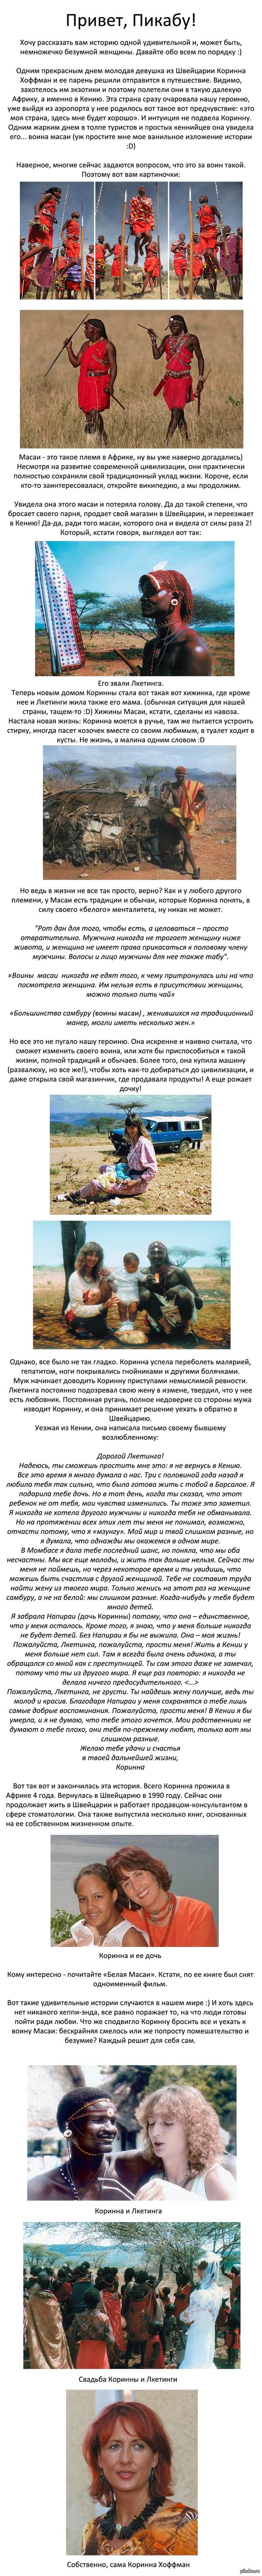 """Не ходите девушки в Африку гулять! Внимание: пост основан на книге и одноименном фильме """"Белая Масаи"""". Соответственно, пост пронизан спойлерами. Короч, я предупредила. История реальна."""